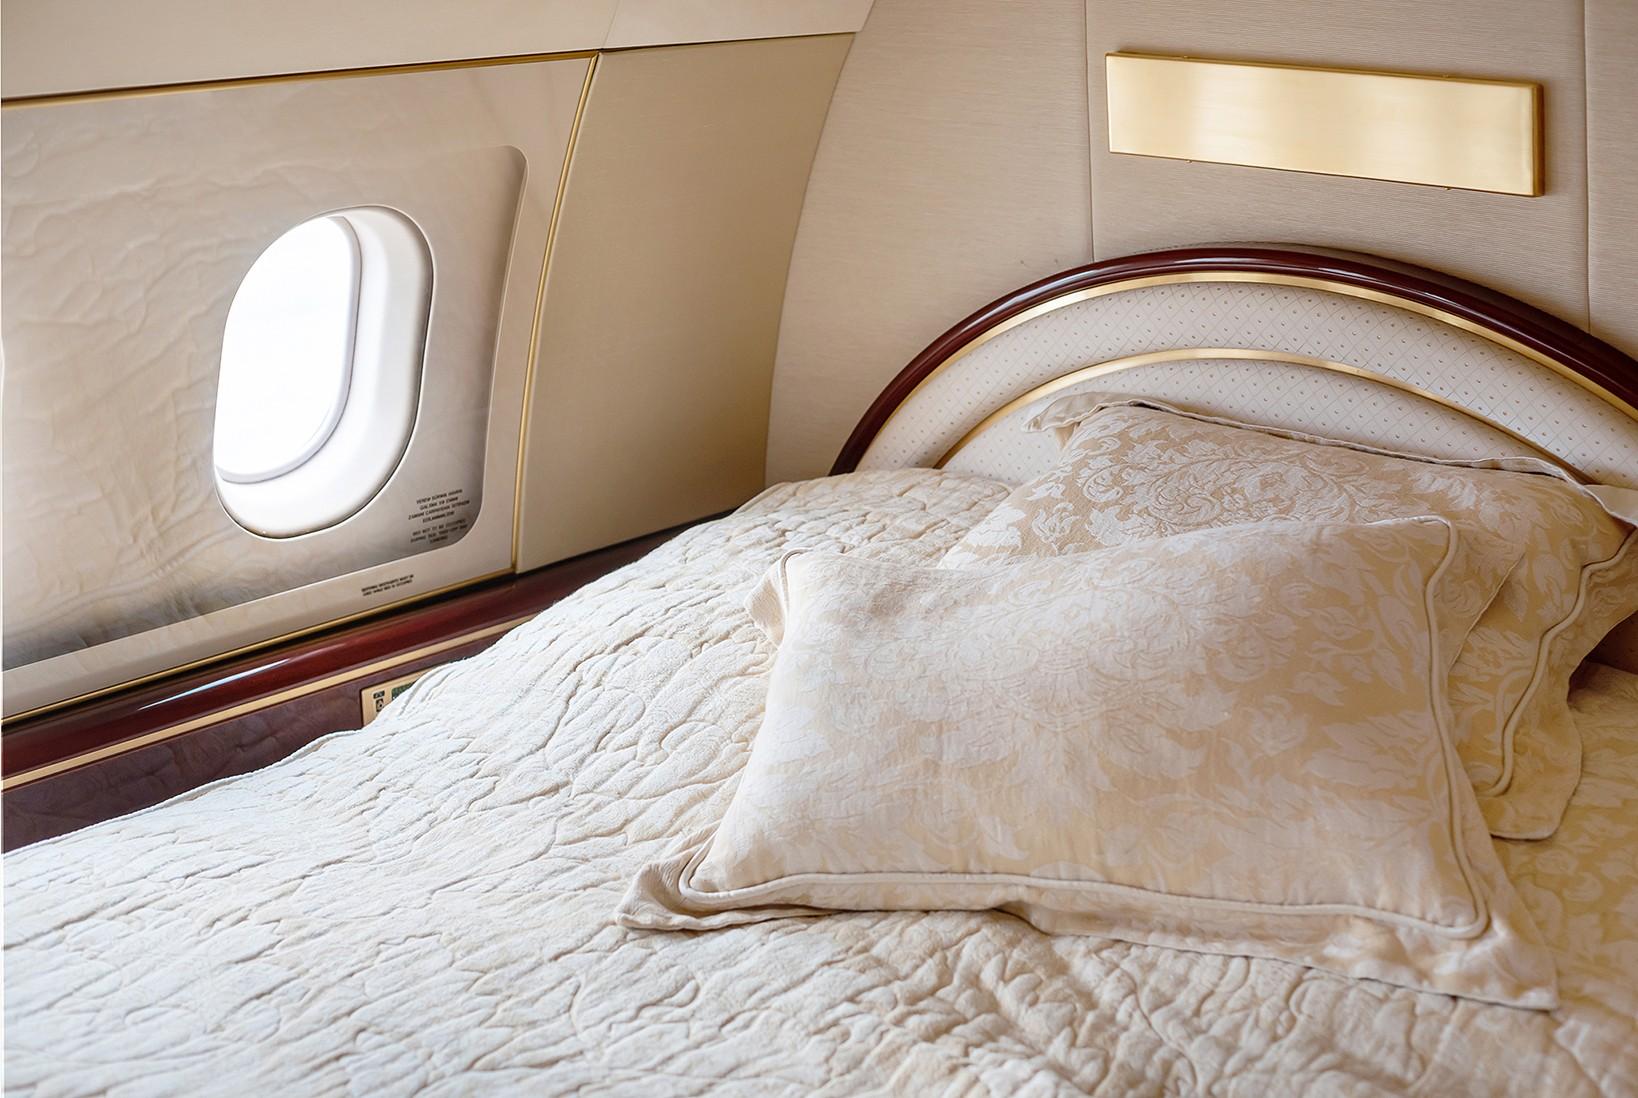 Самолеты бизнес-класса + Про осветительные приборы и насадки при интерьерной съемке